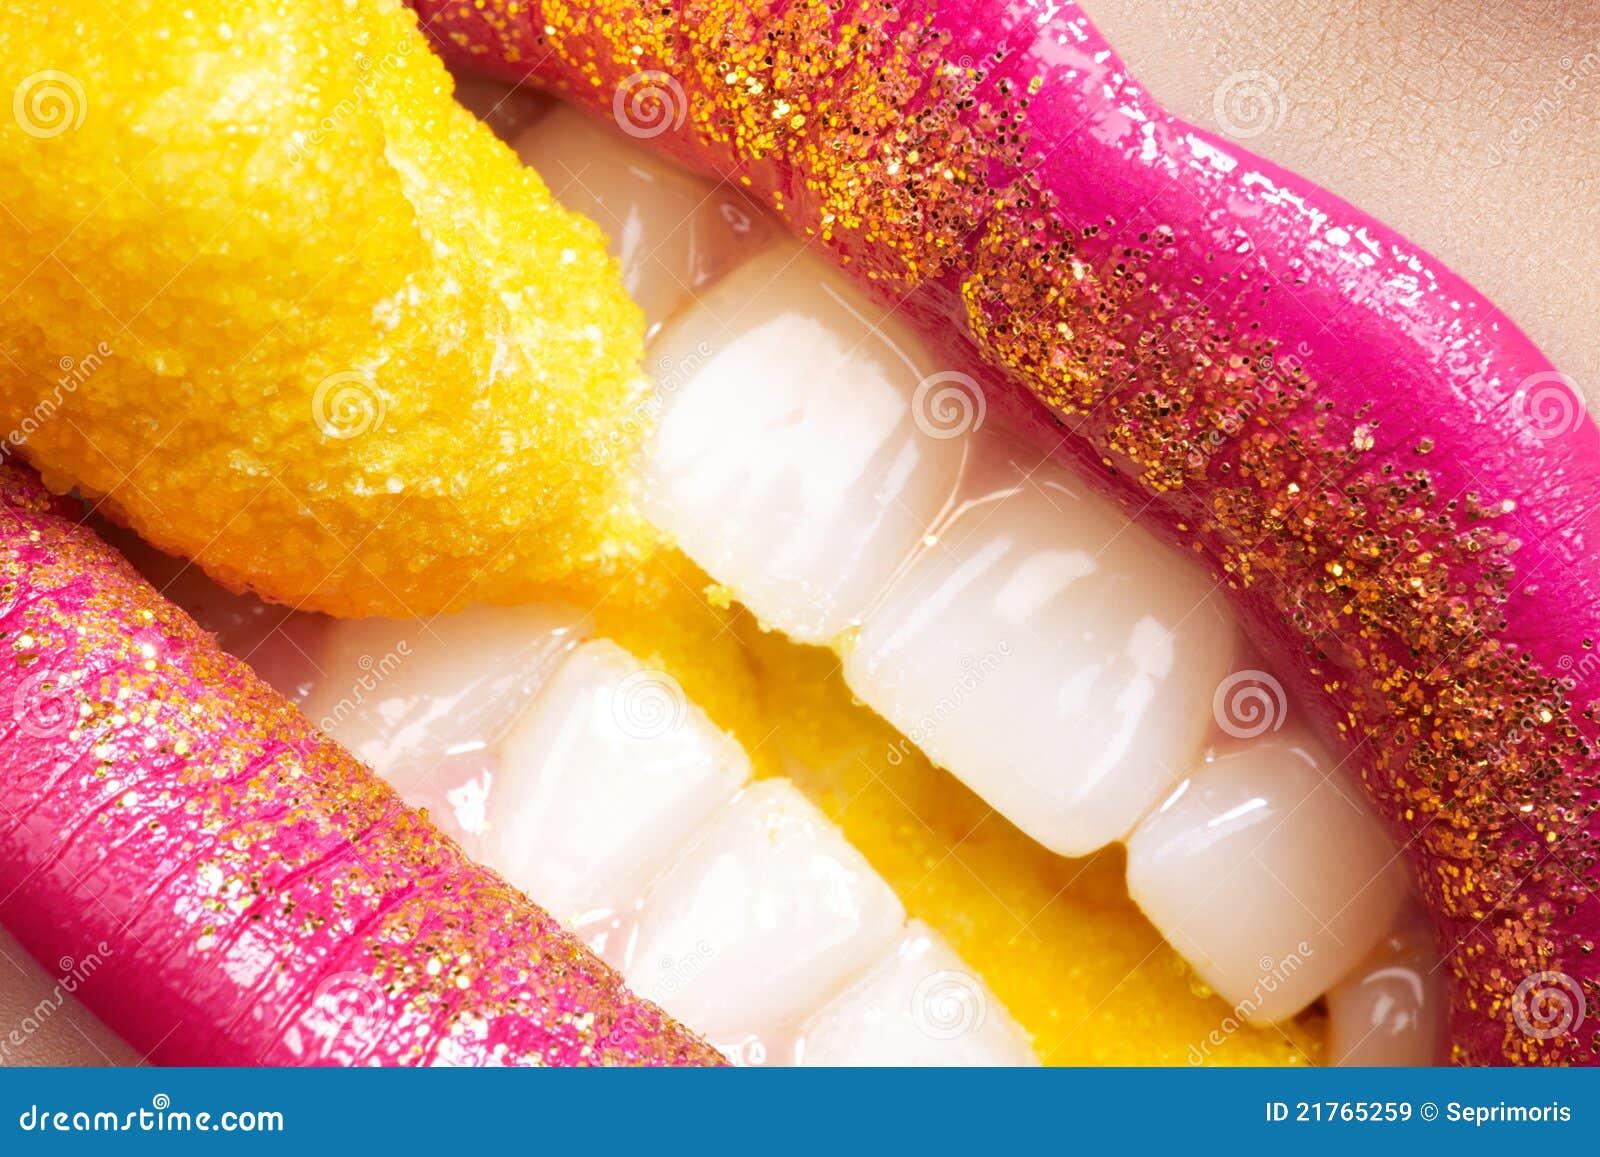 yellow glitter lips - photo #17